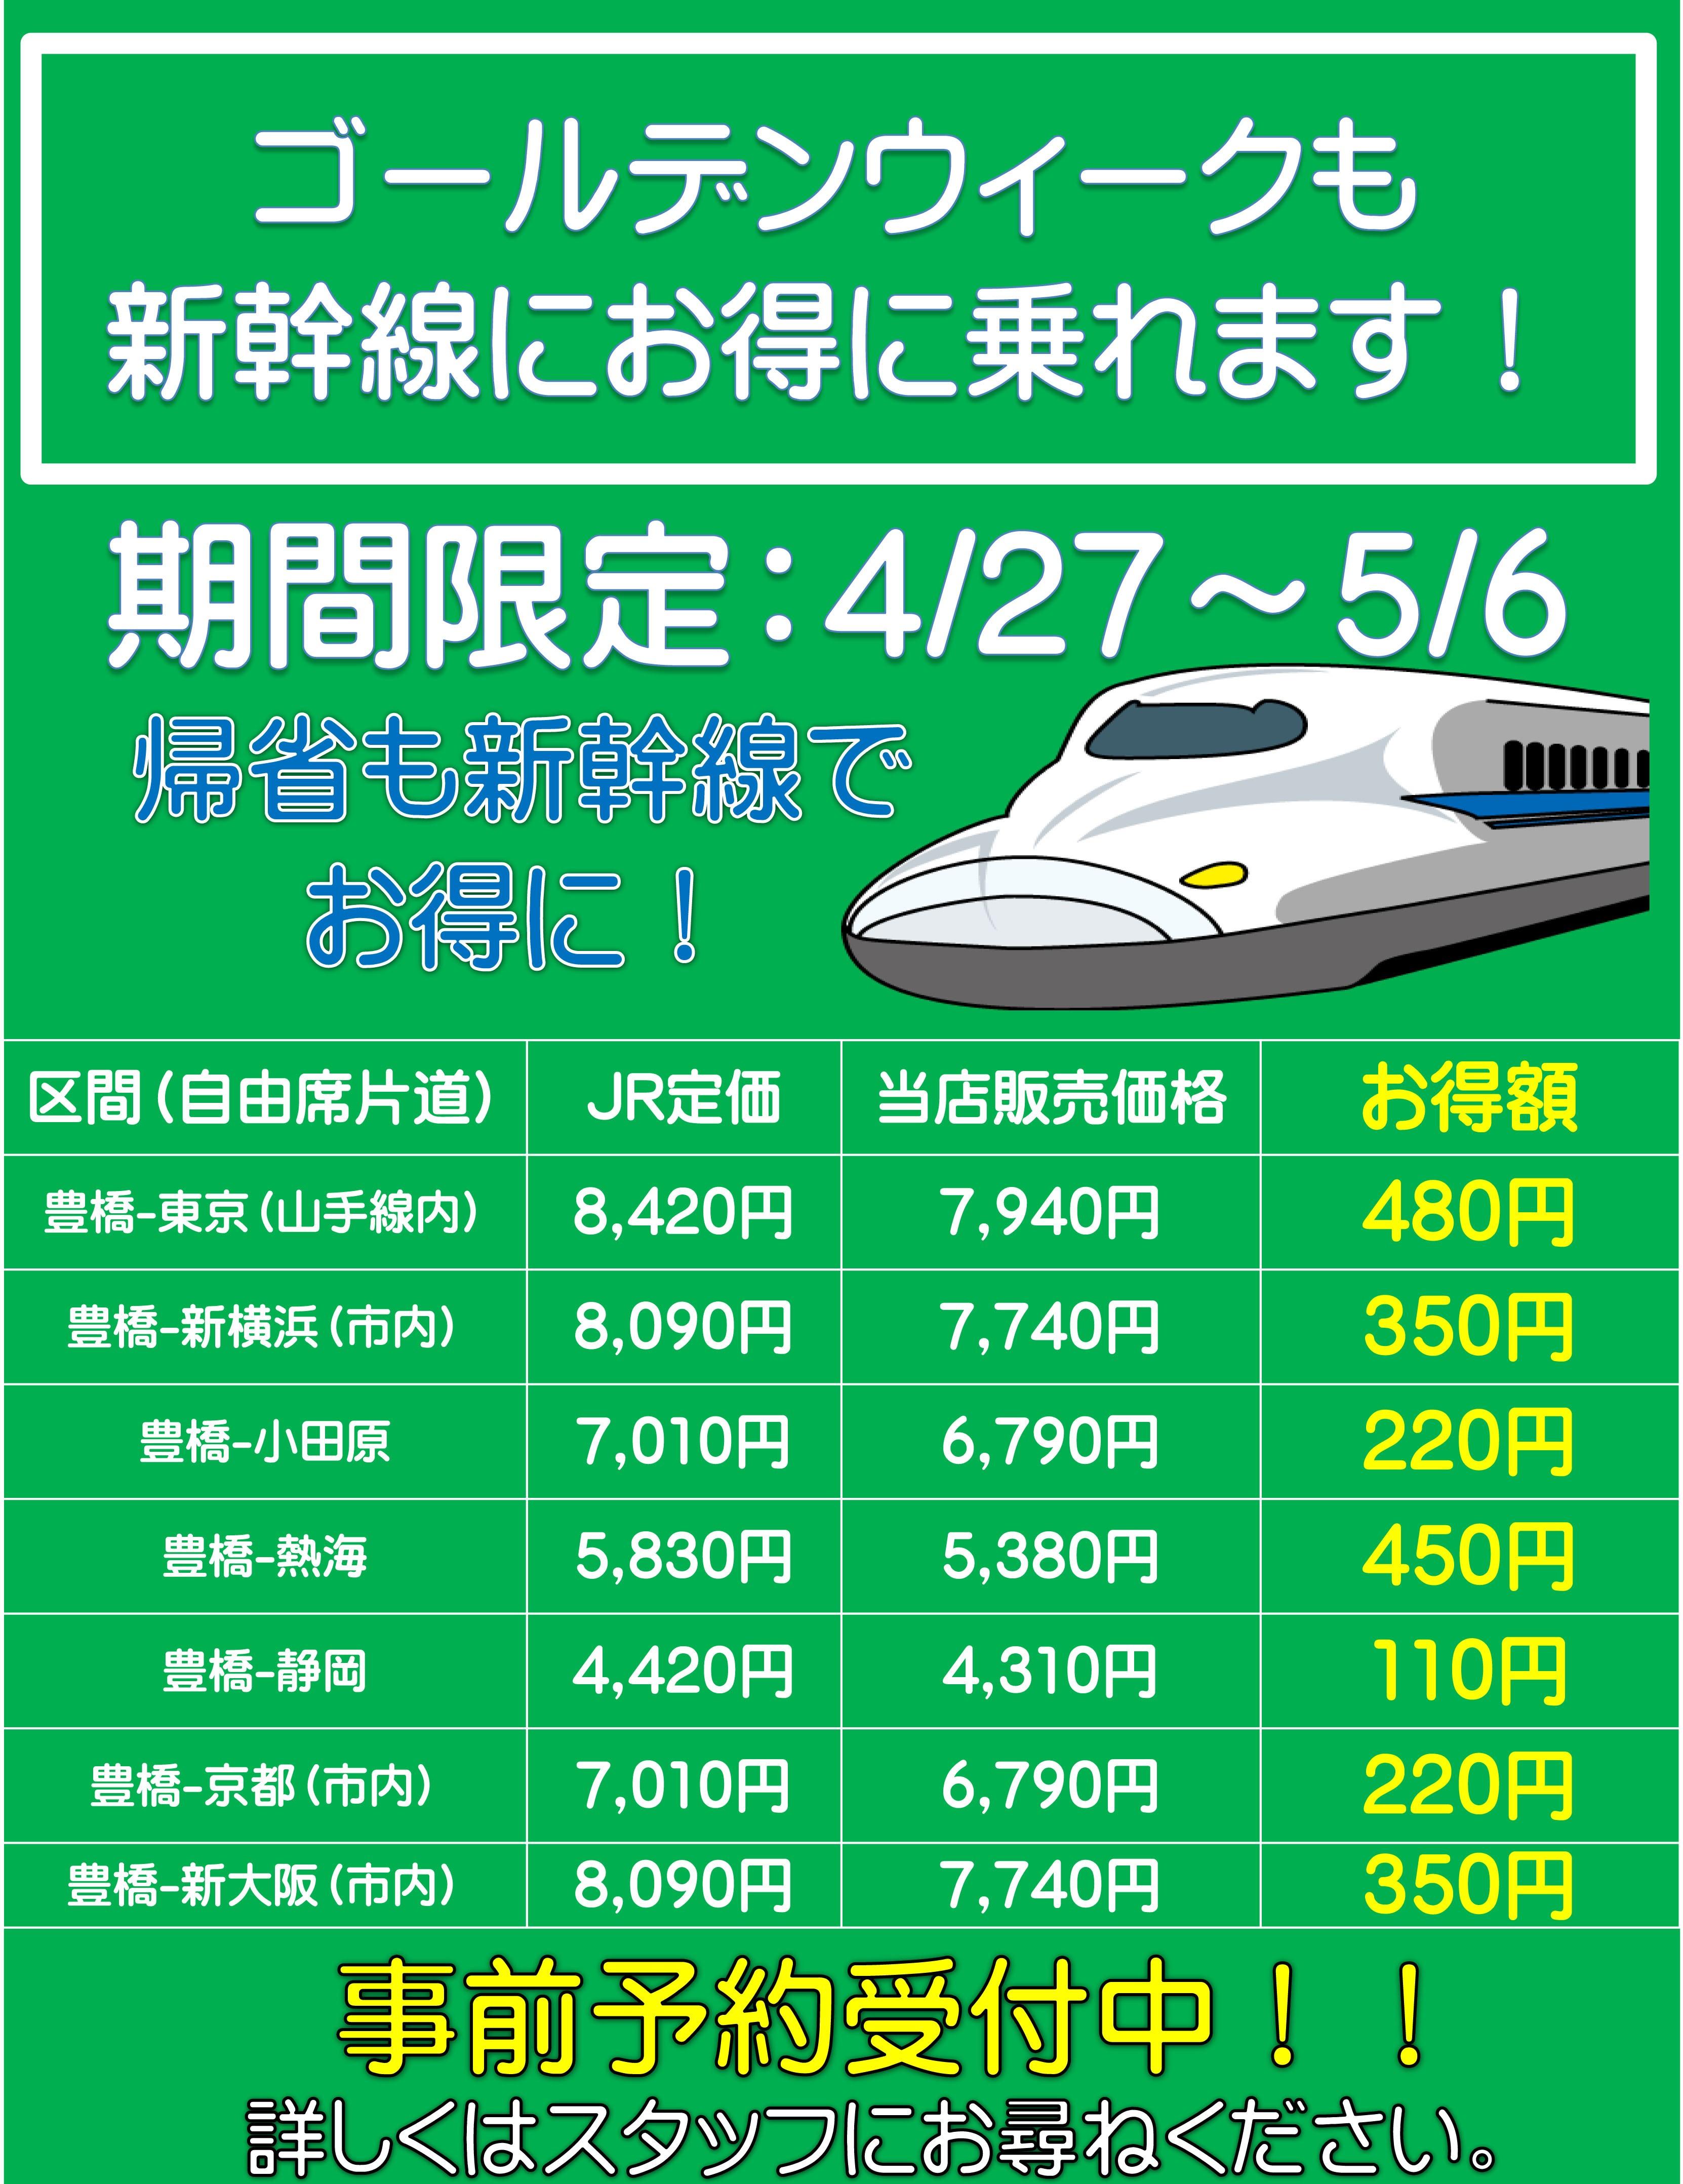 豊橋金券ショップフリーチケット|GWも新幹線がお得